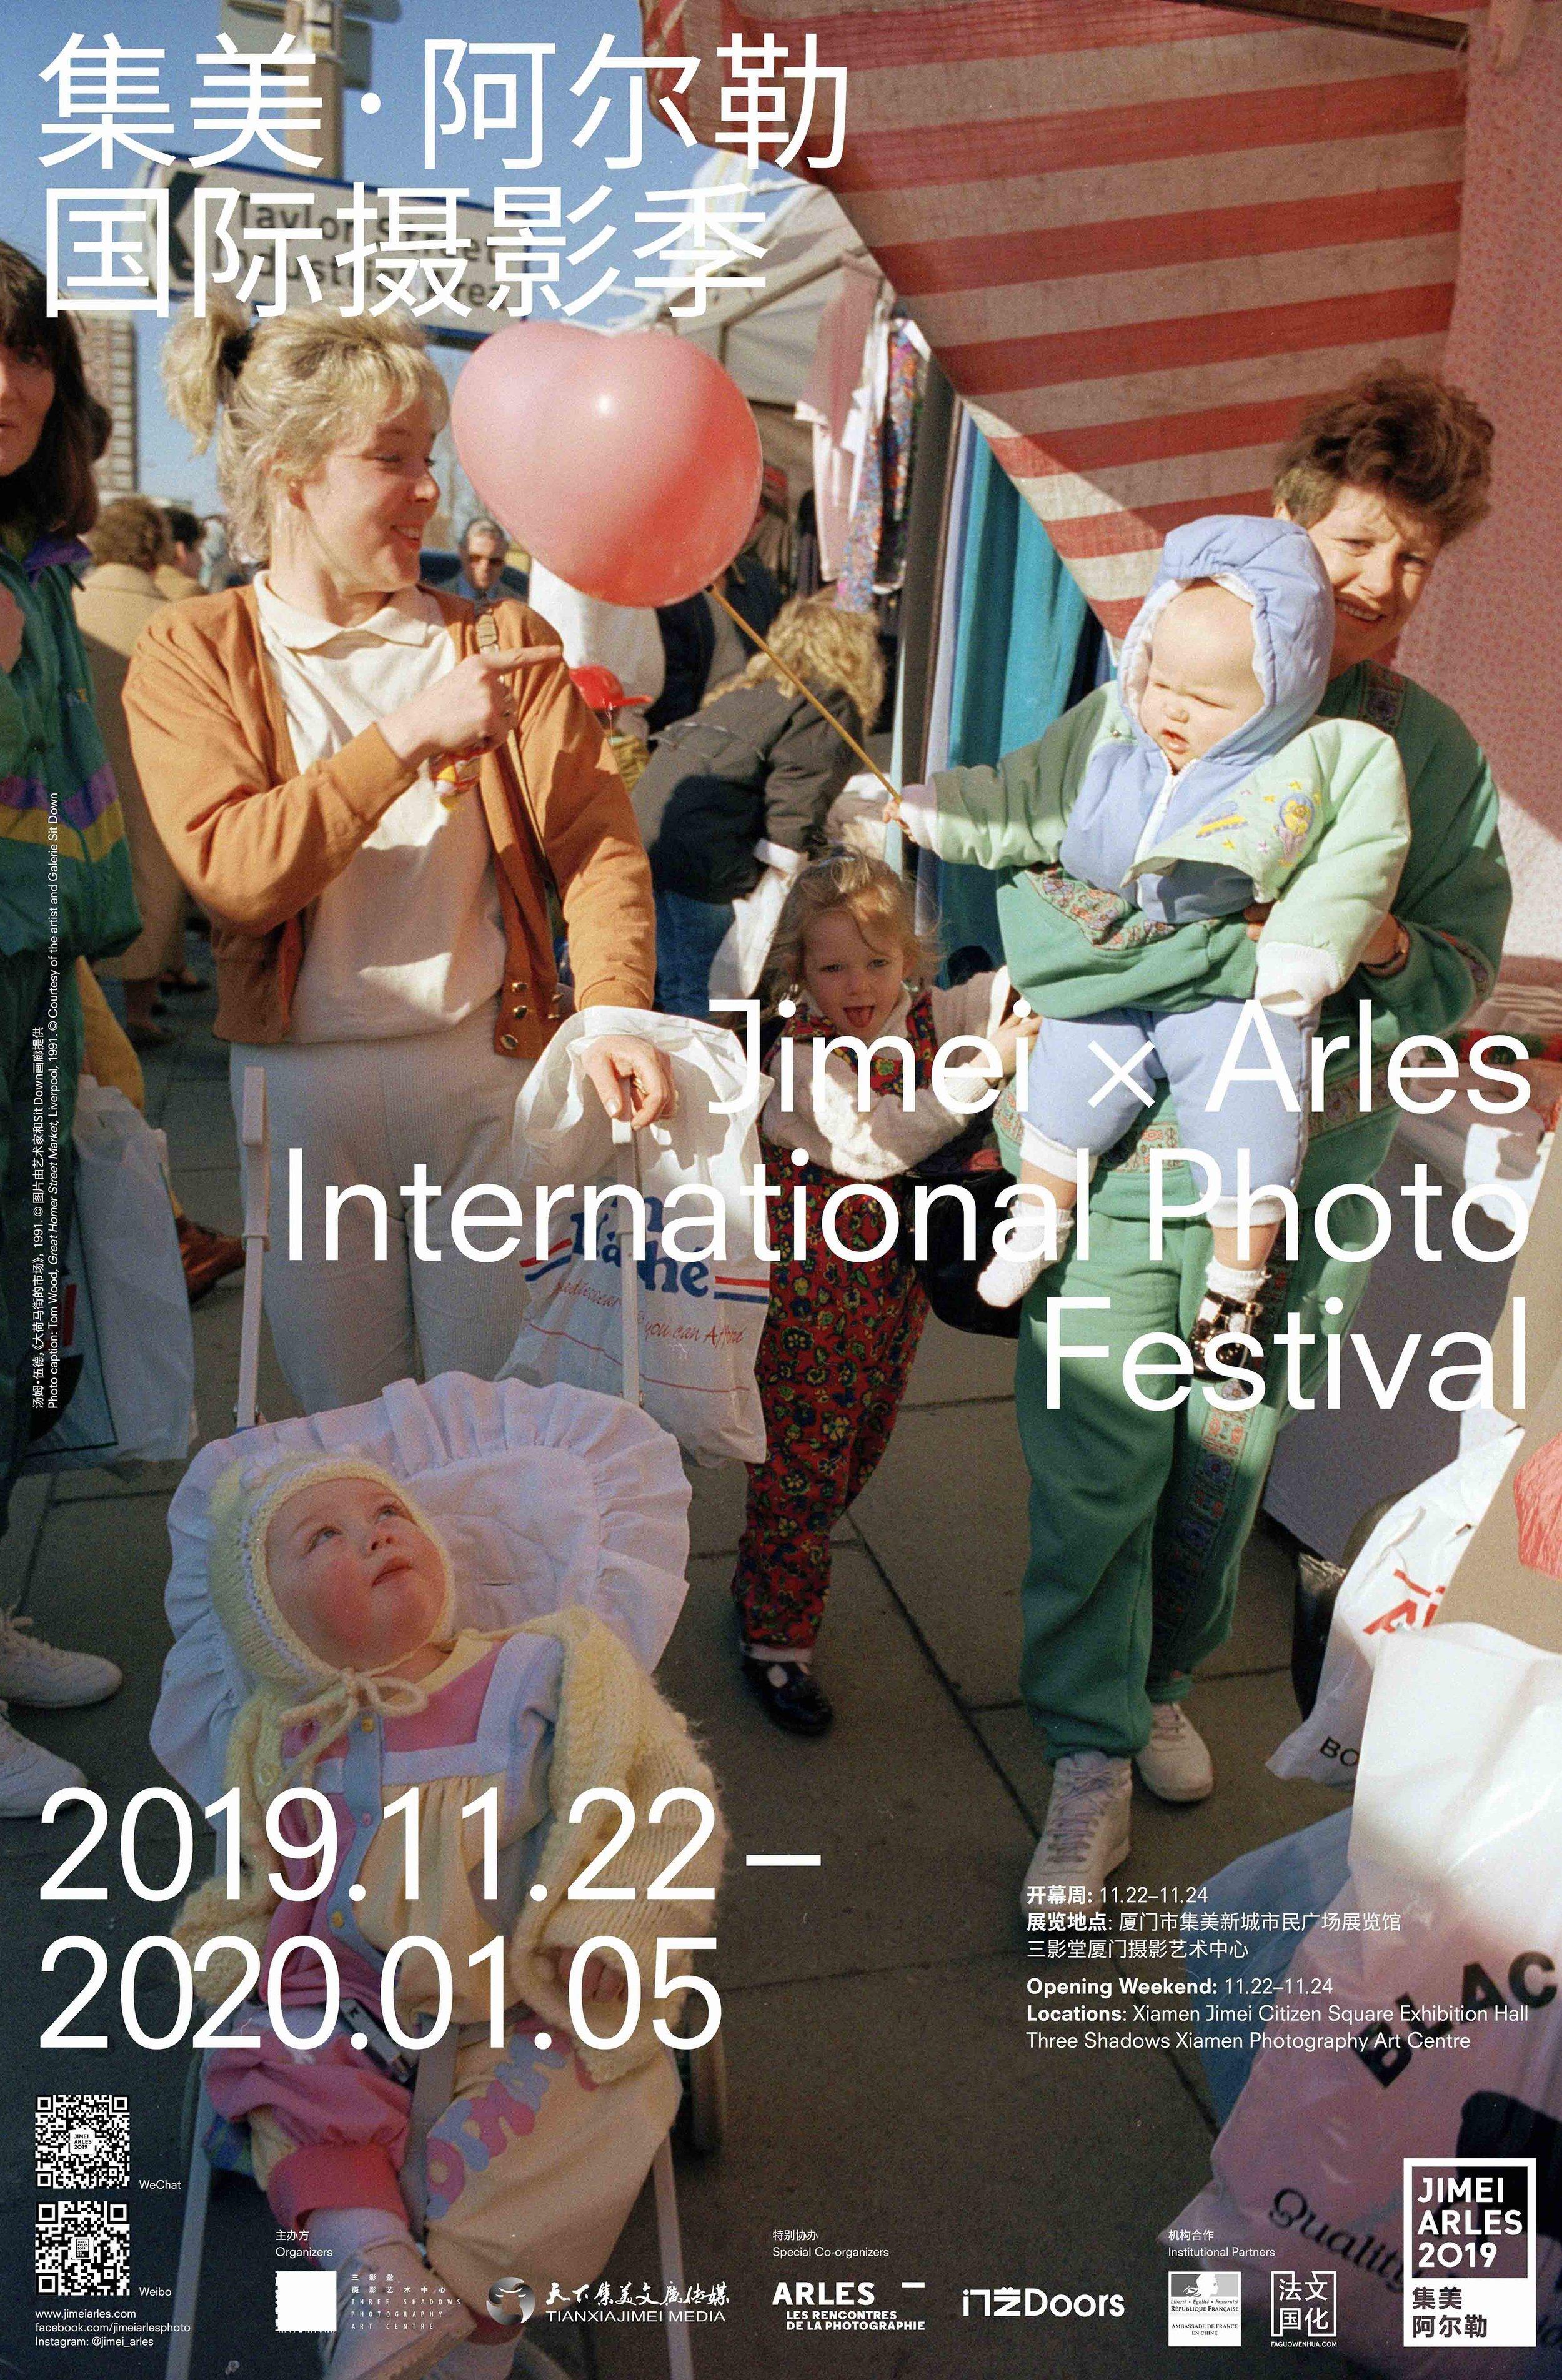 集美·阿尔勒国际摄影季迎来第五届! - 阅读